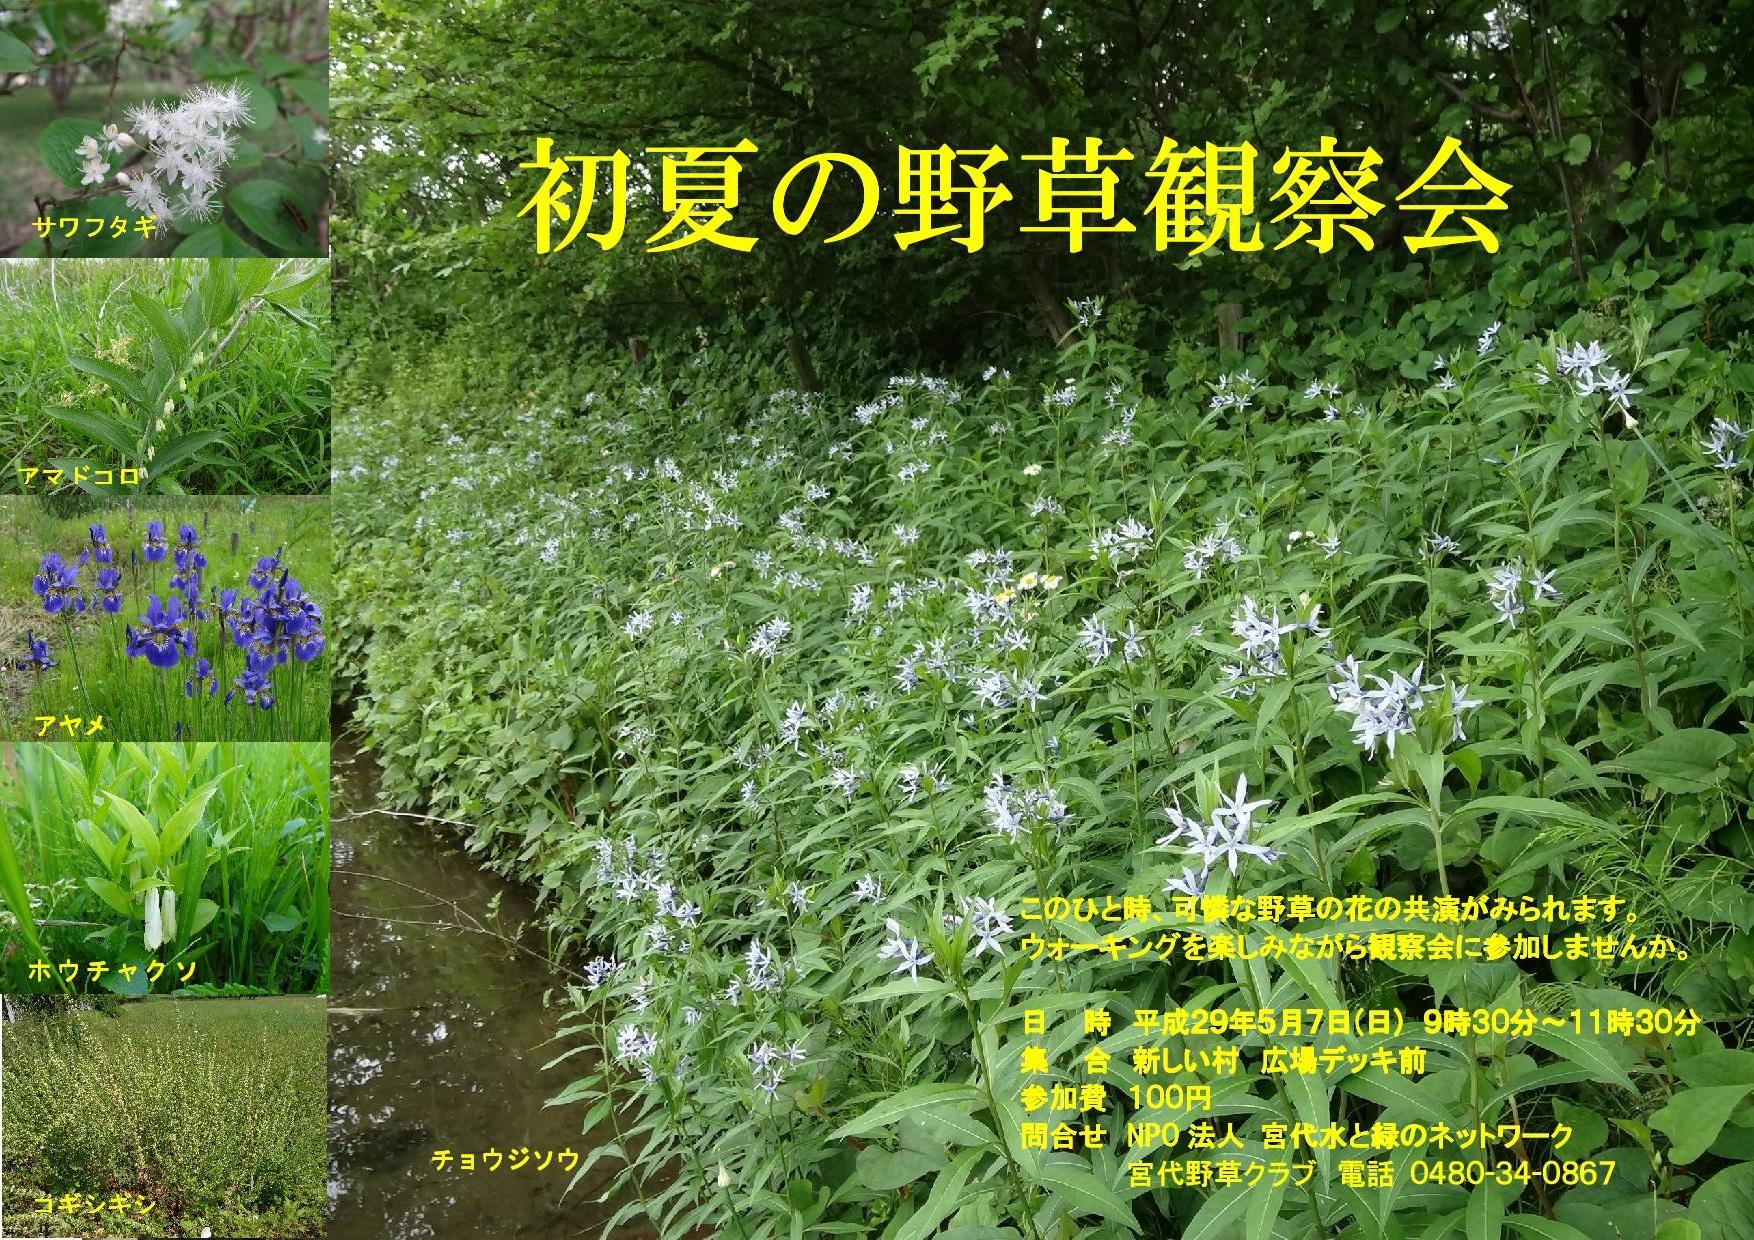 初夏の野草観察会(3)